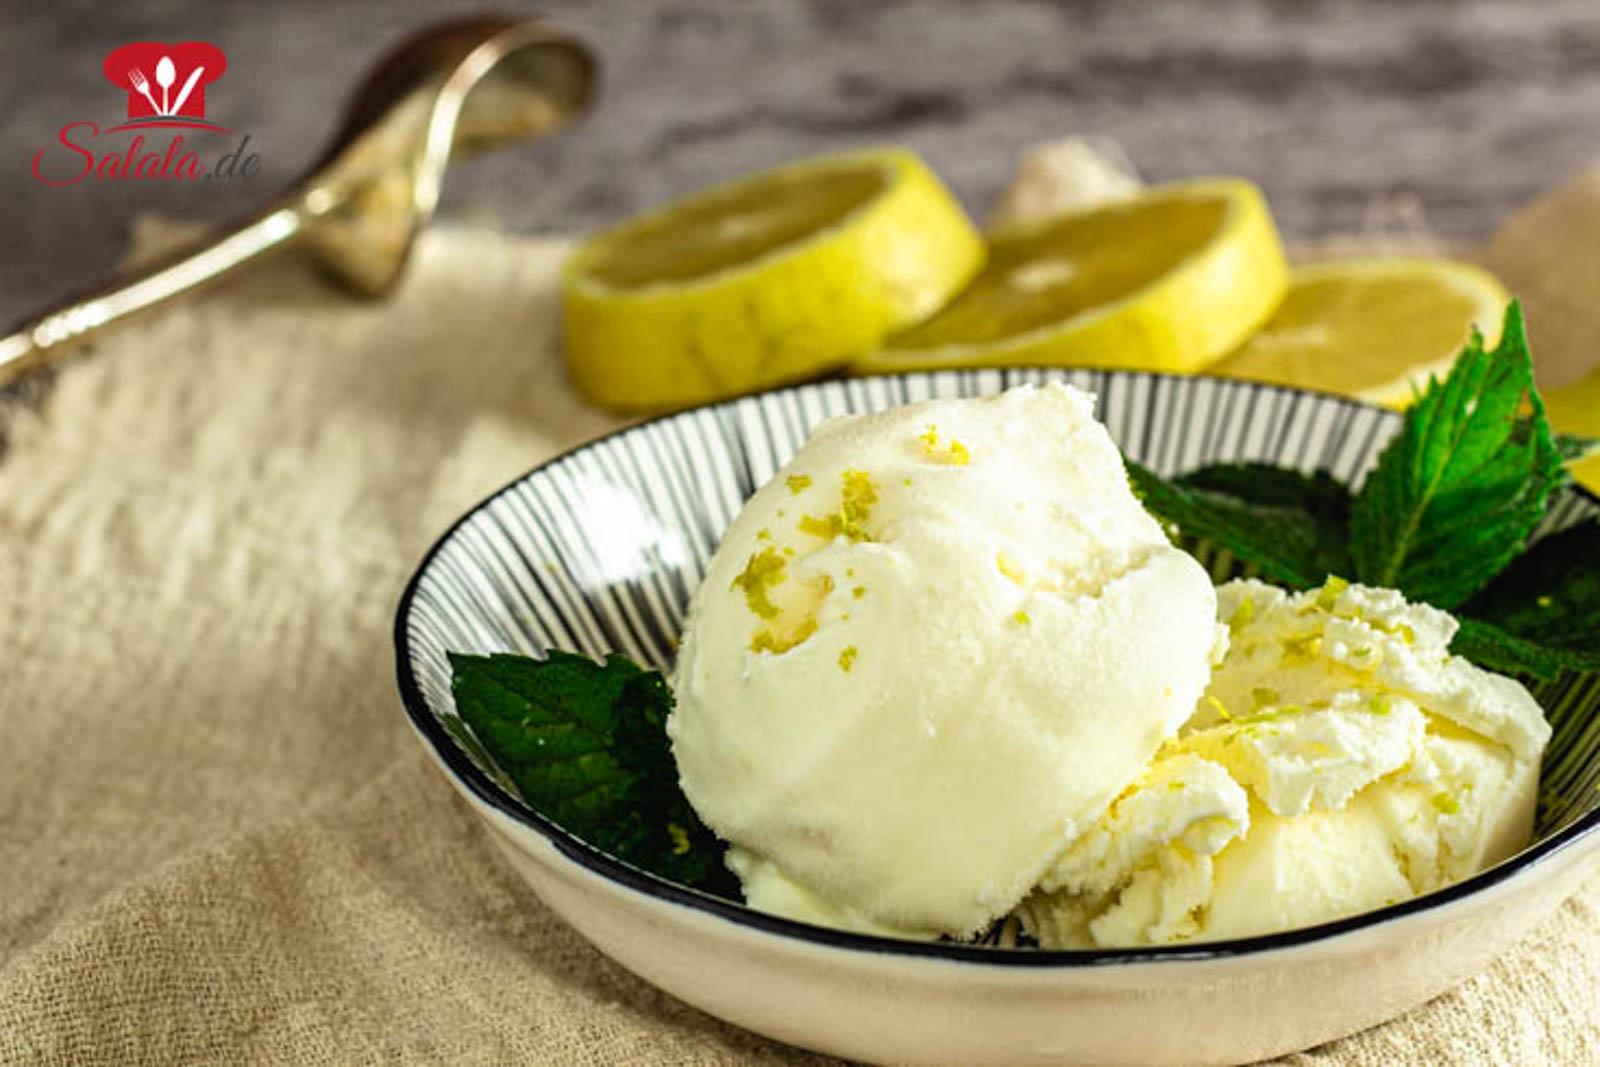 Eis aus Frischkäse, ein wenig Zitrone und Xylit. Fertig. So einfach kann zuckerfreies Low Carb Eis sein. Du kannst das Rezept auch komplett ohne Eismaschine und Gefrierschrank machen. Nennt sich dann Dessert. Vielseitig, Keto und oberlecker. #LowCarbEis #KetoEis #FrischkaeseEis #EisMitZitroneUndFrischkaese #KetoEis #EisSelberMachen